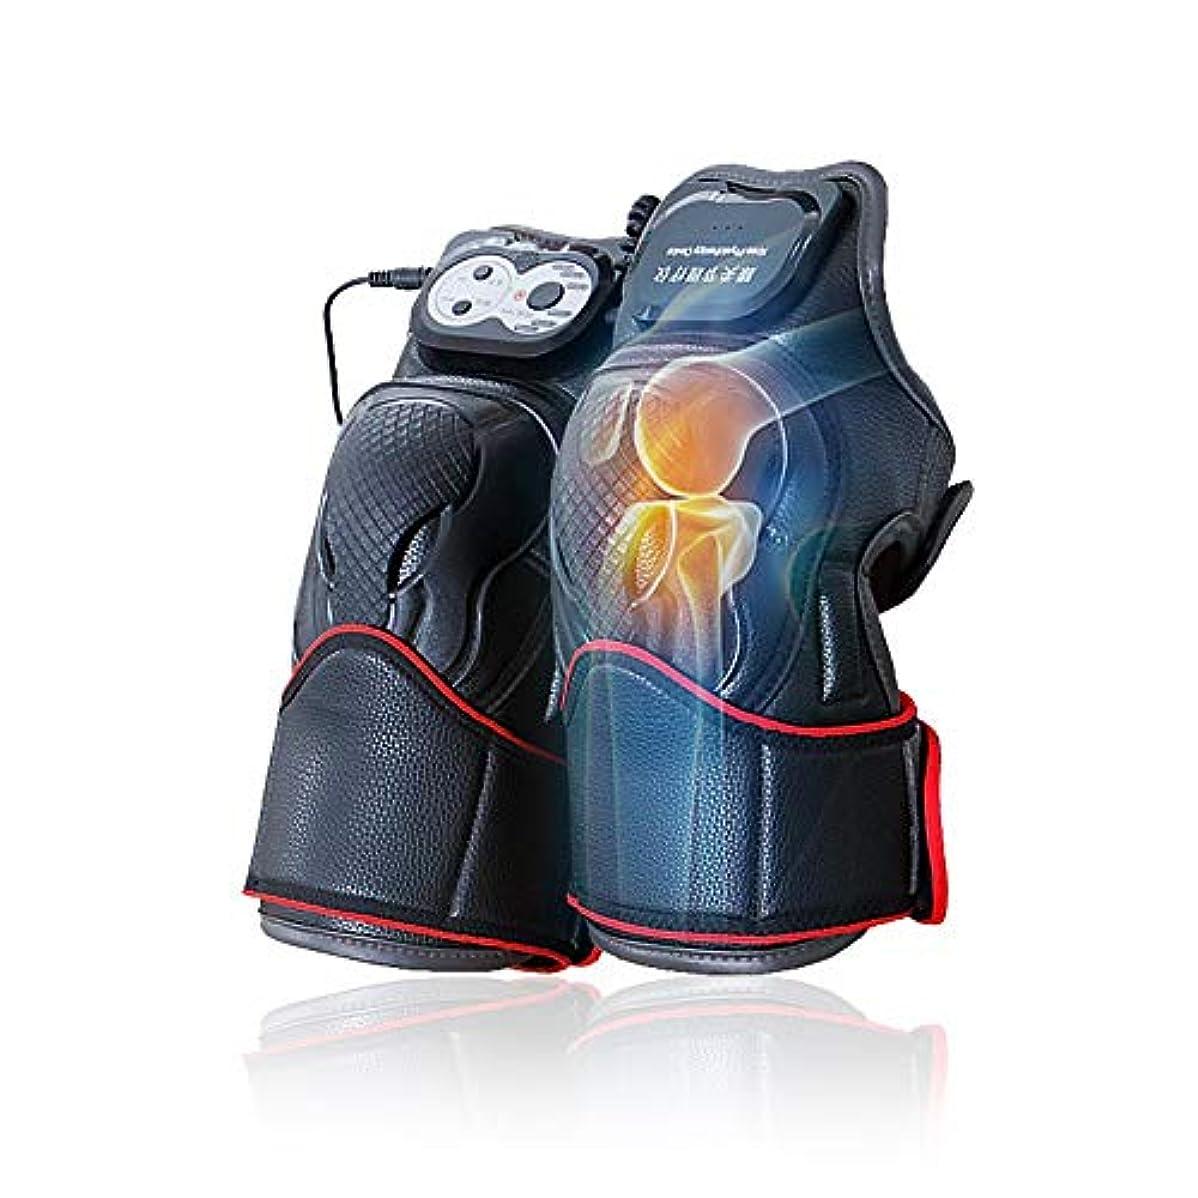 力強い抑制シロクママッサージ器 マッサージ ひざ マッサージャー ヒーター マッサージ機 振動 レッグマッサージャー 通気性 フットマッサージャー 赤外線療法 膝サポーター ストレス解消(二枚入り)